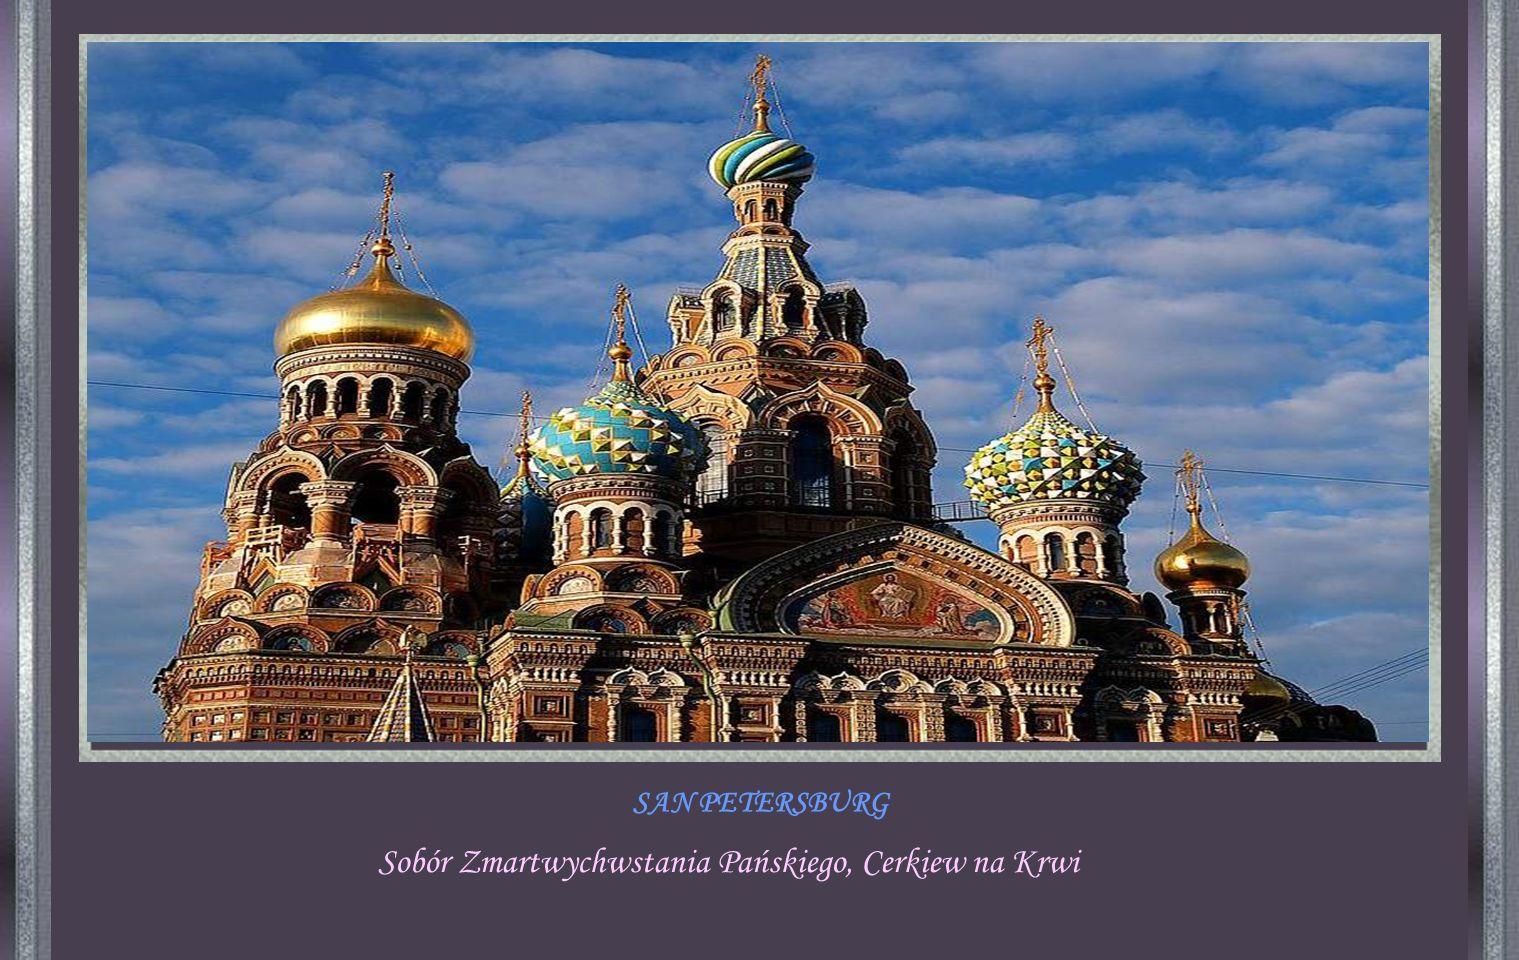 Początki budownictwa sakralnego, jako budowli odrębnych, sięgają IV wieku, wcześniej istniały jedynie kościoły domowe oraz kaplice w katakumbach.